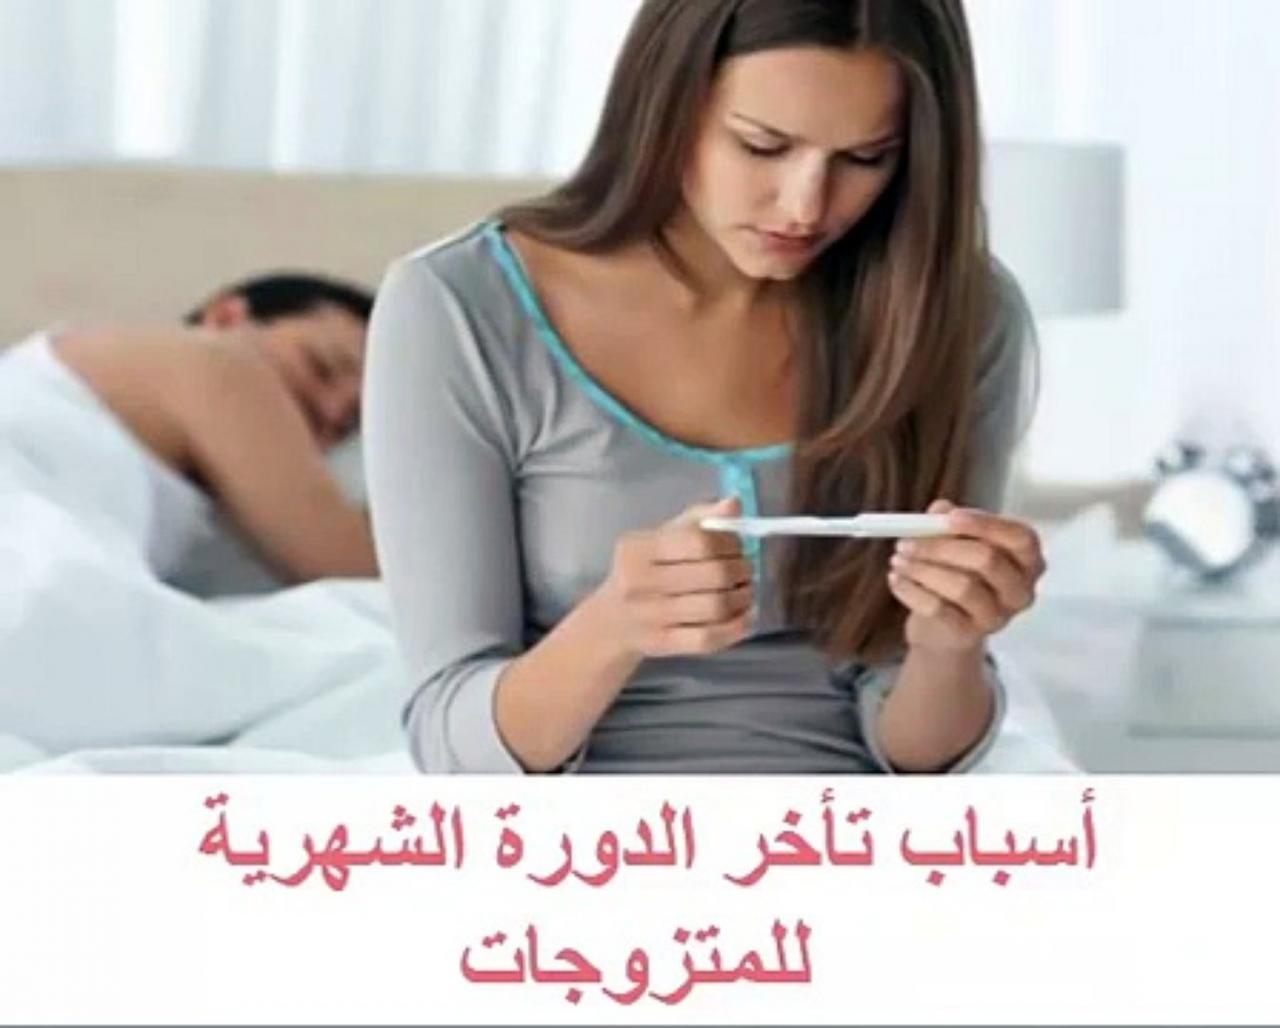 صور ما هي اسباب تاخر الدورة الشهرية بدون حمل للمتزوجة , ما الاسباب والخلل وراء تاخر الدورة الشهريه للمراه بشكل عام